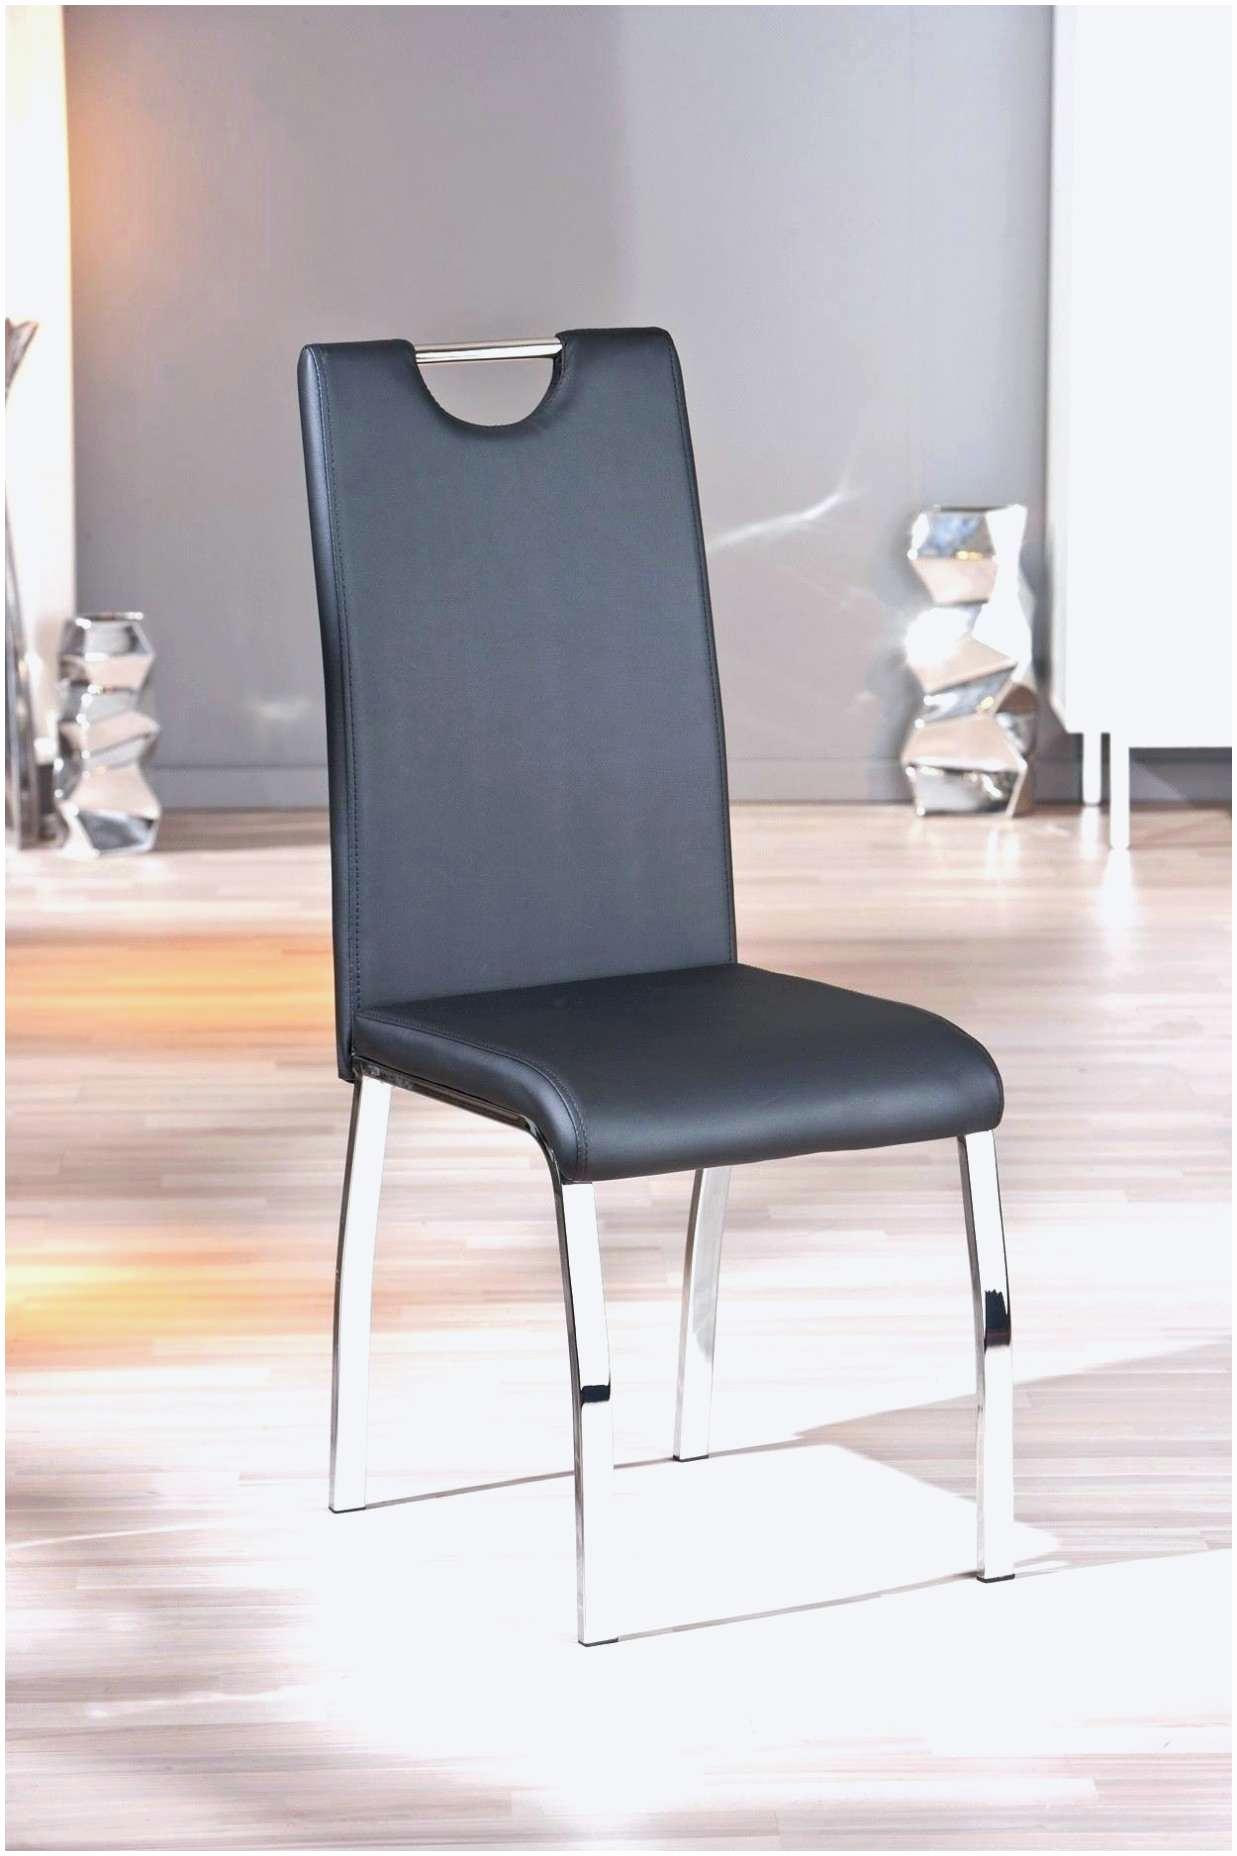 salon gris et jaune moutarde genial luxe lesmeubles chaise rar chaise jaune chaise grise 0d coleymixan of salon gris et jaune moutarde